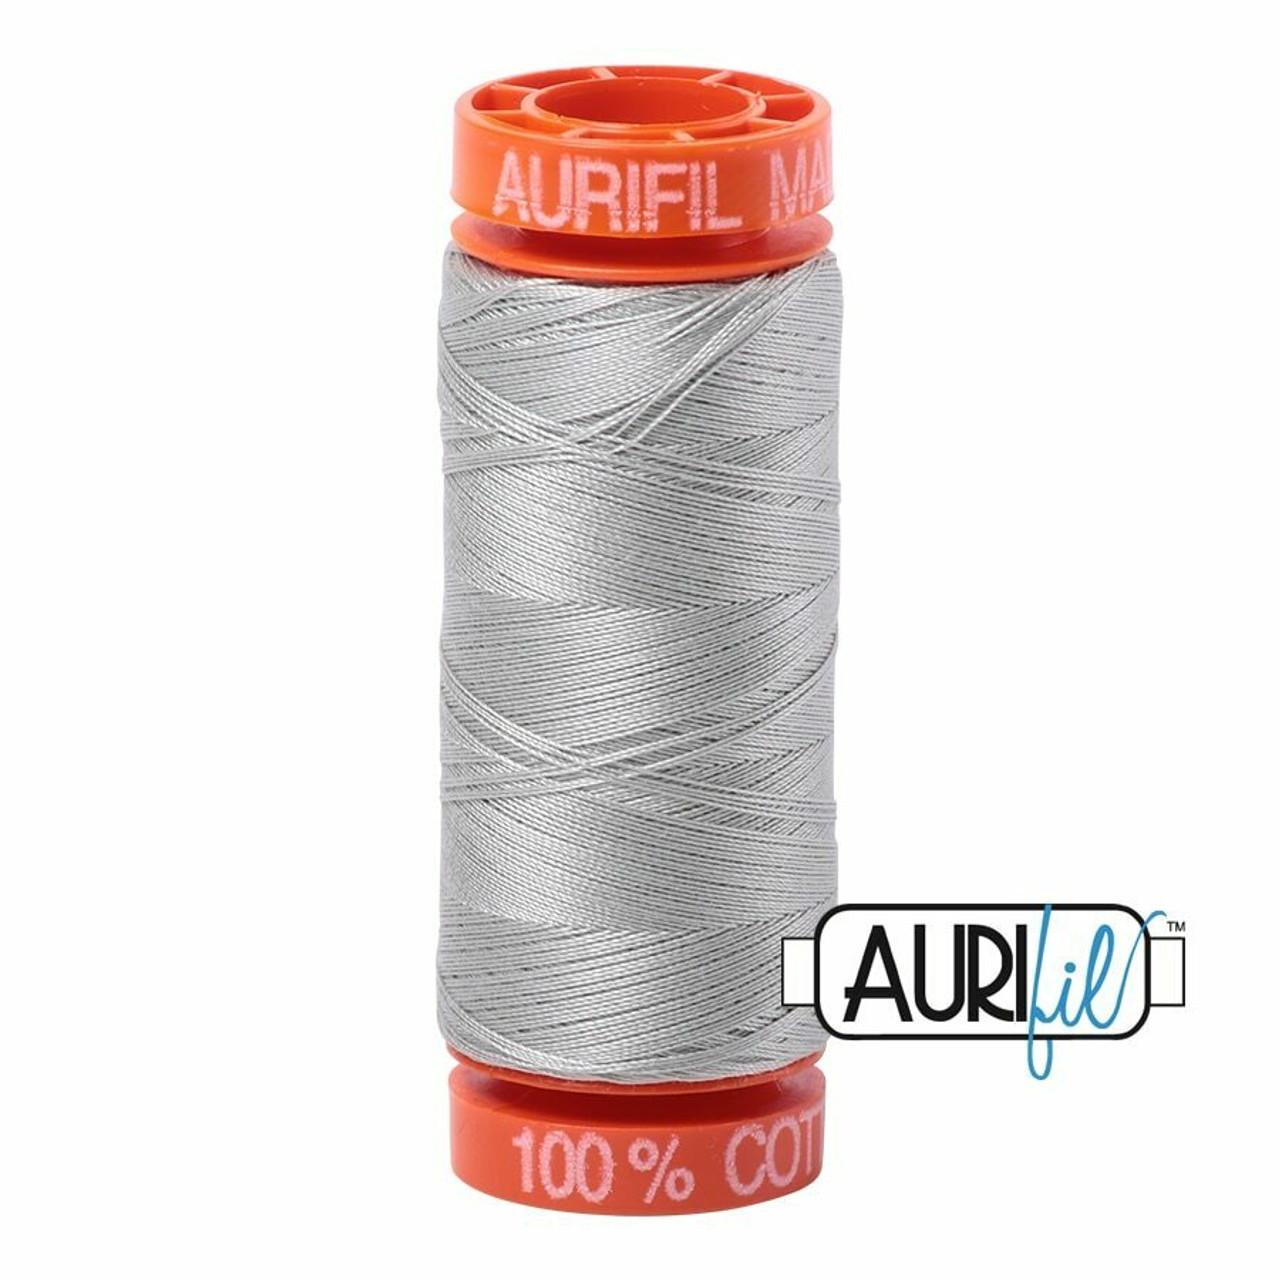 Aurifil 50wt Airstream (6726) thread